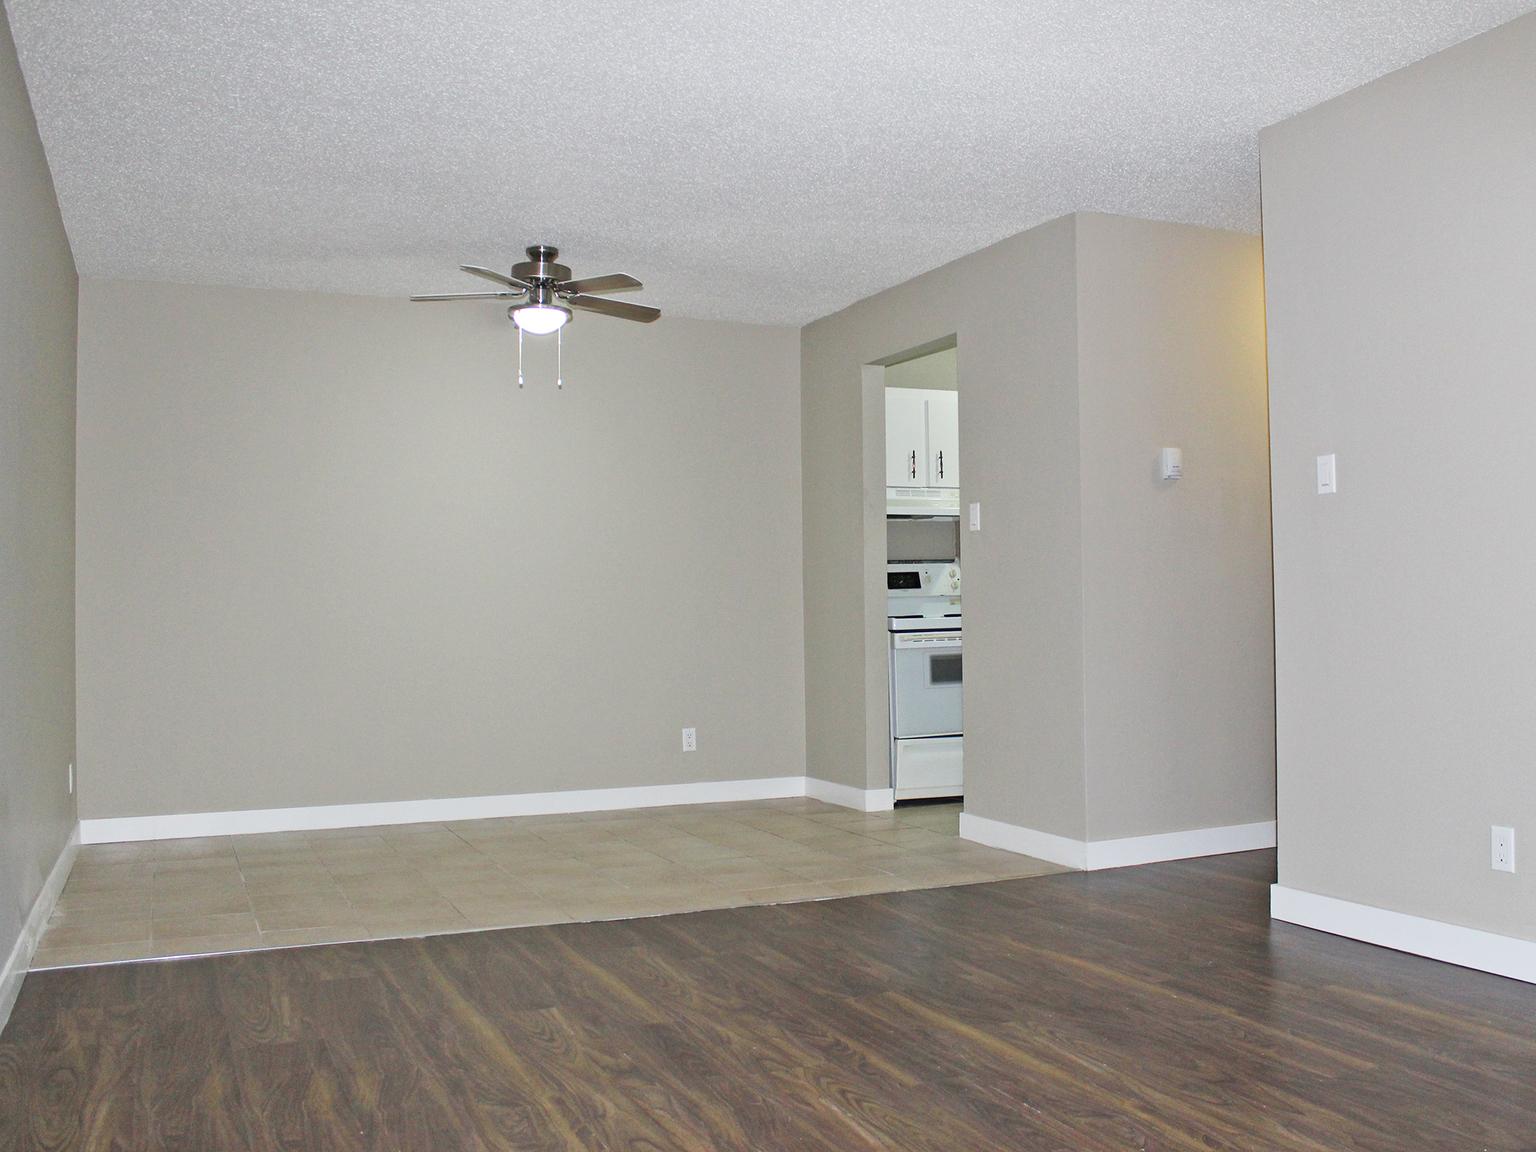 11848 87 Street NW, Edmonton, AB - $850